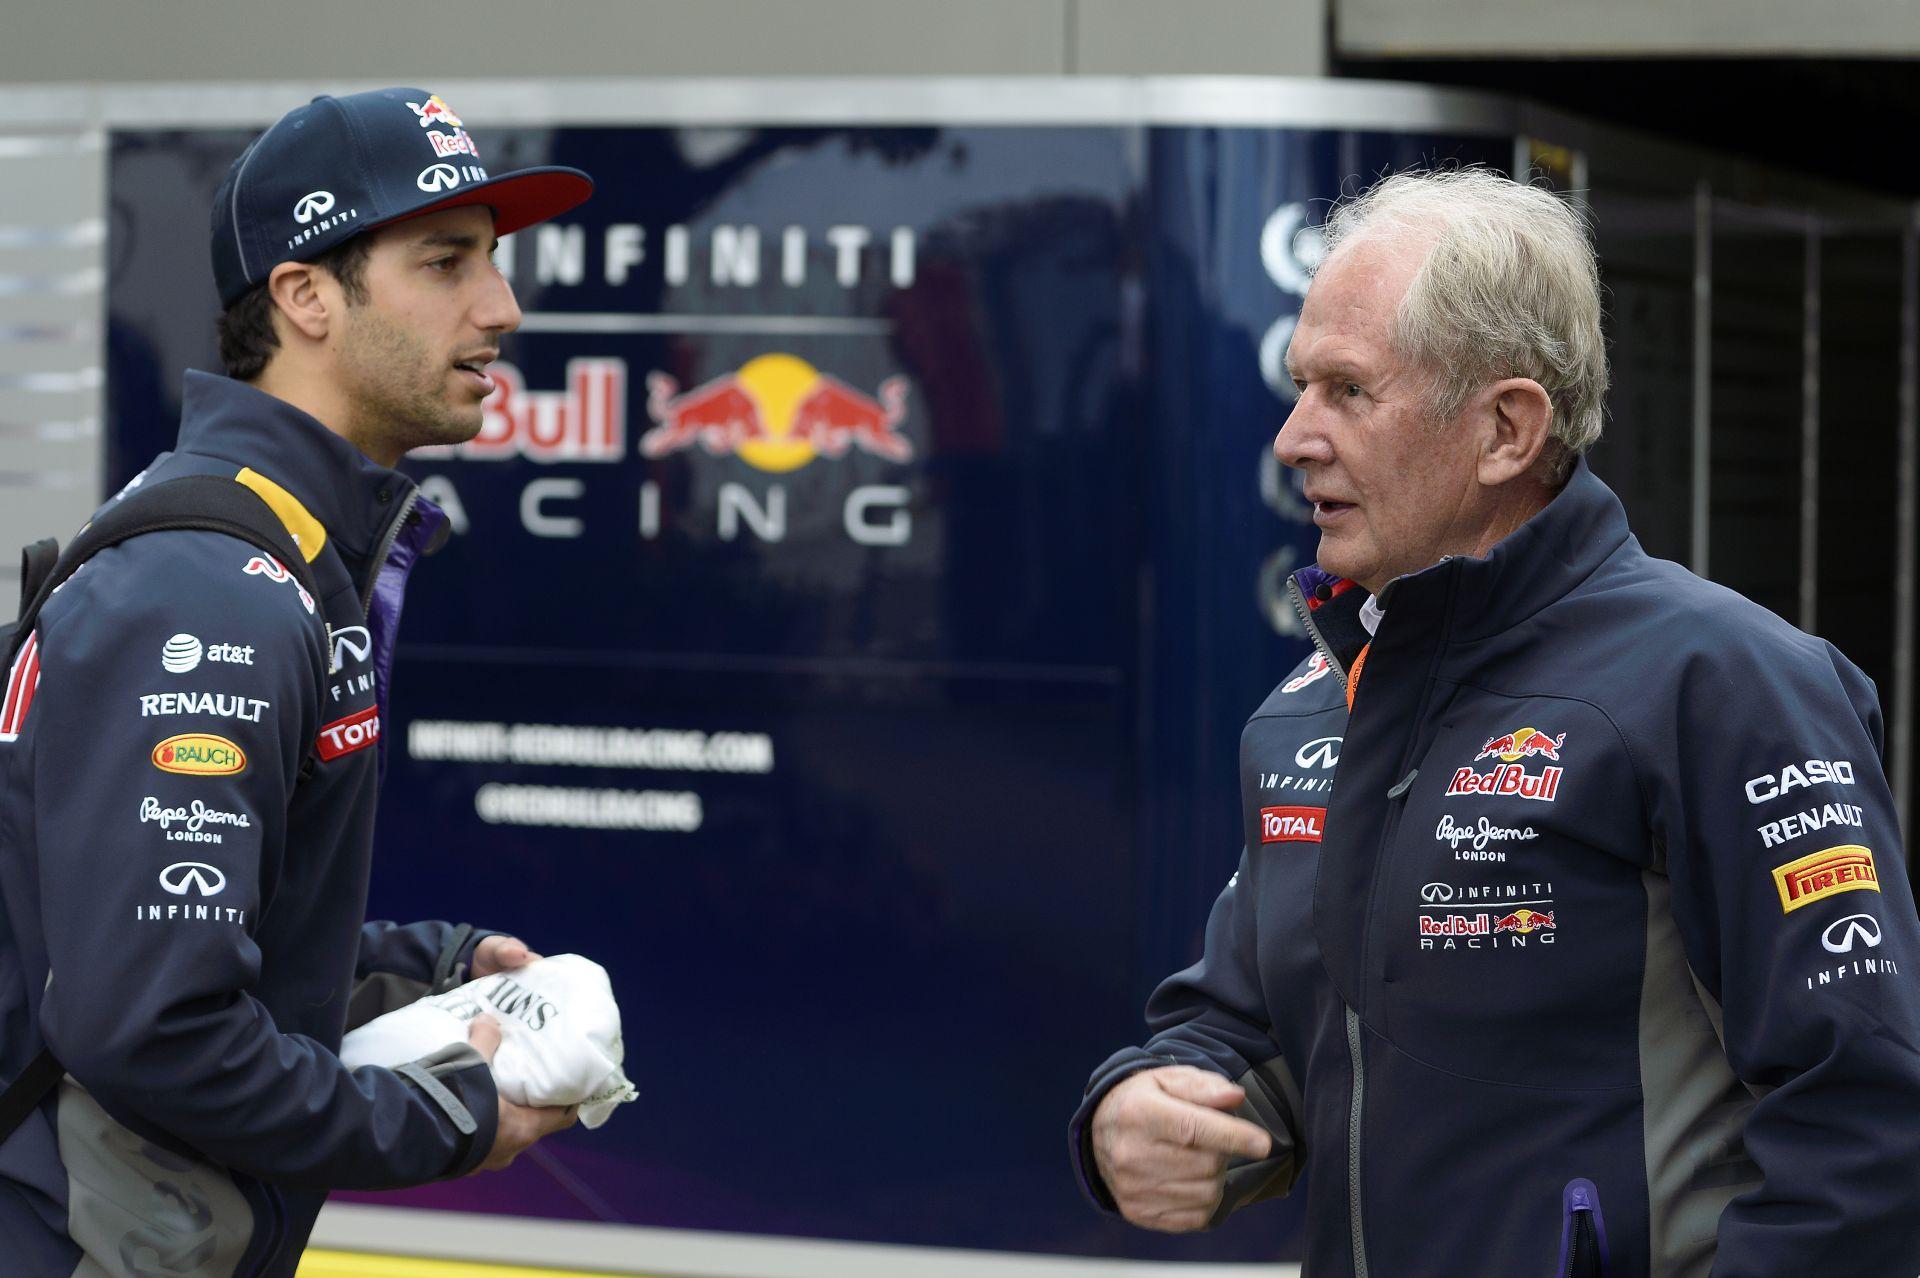 Ricciardo is csak fogja a fejét, hogy milyen gyenge a Red Bull a Renault miatt